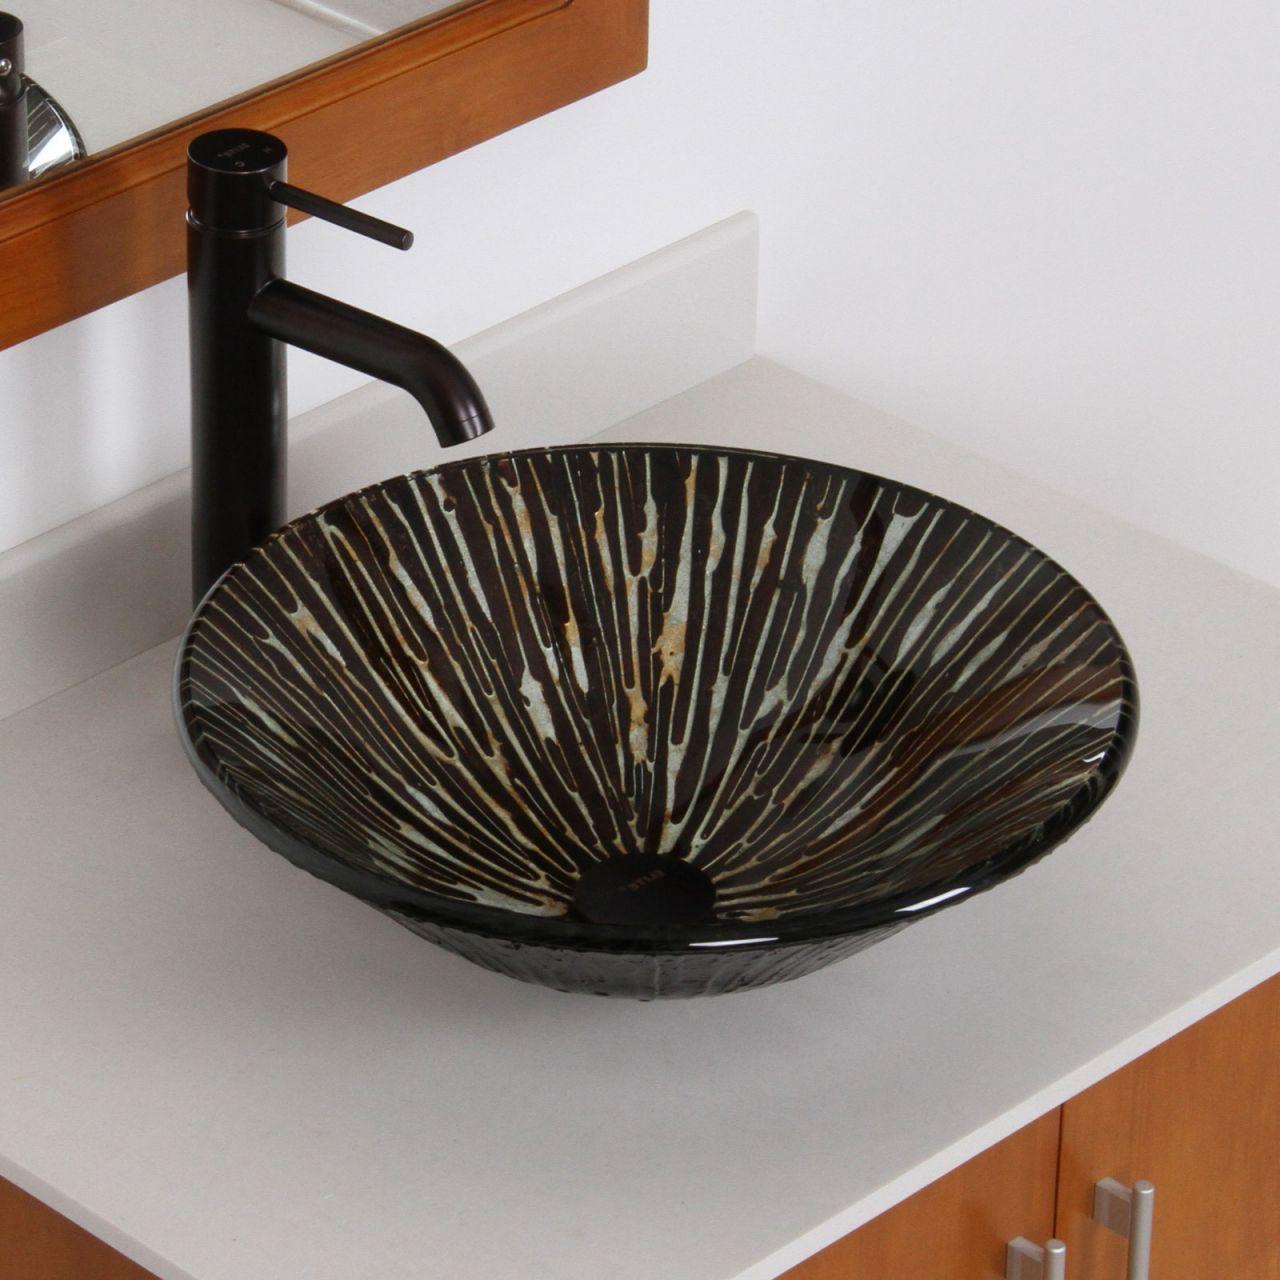 Antique Modern Undermount Sink Design (View 1 of 10)